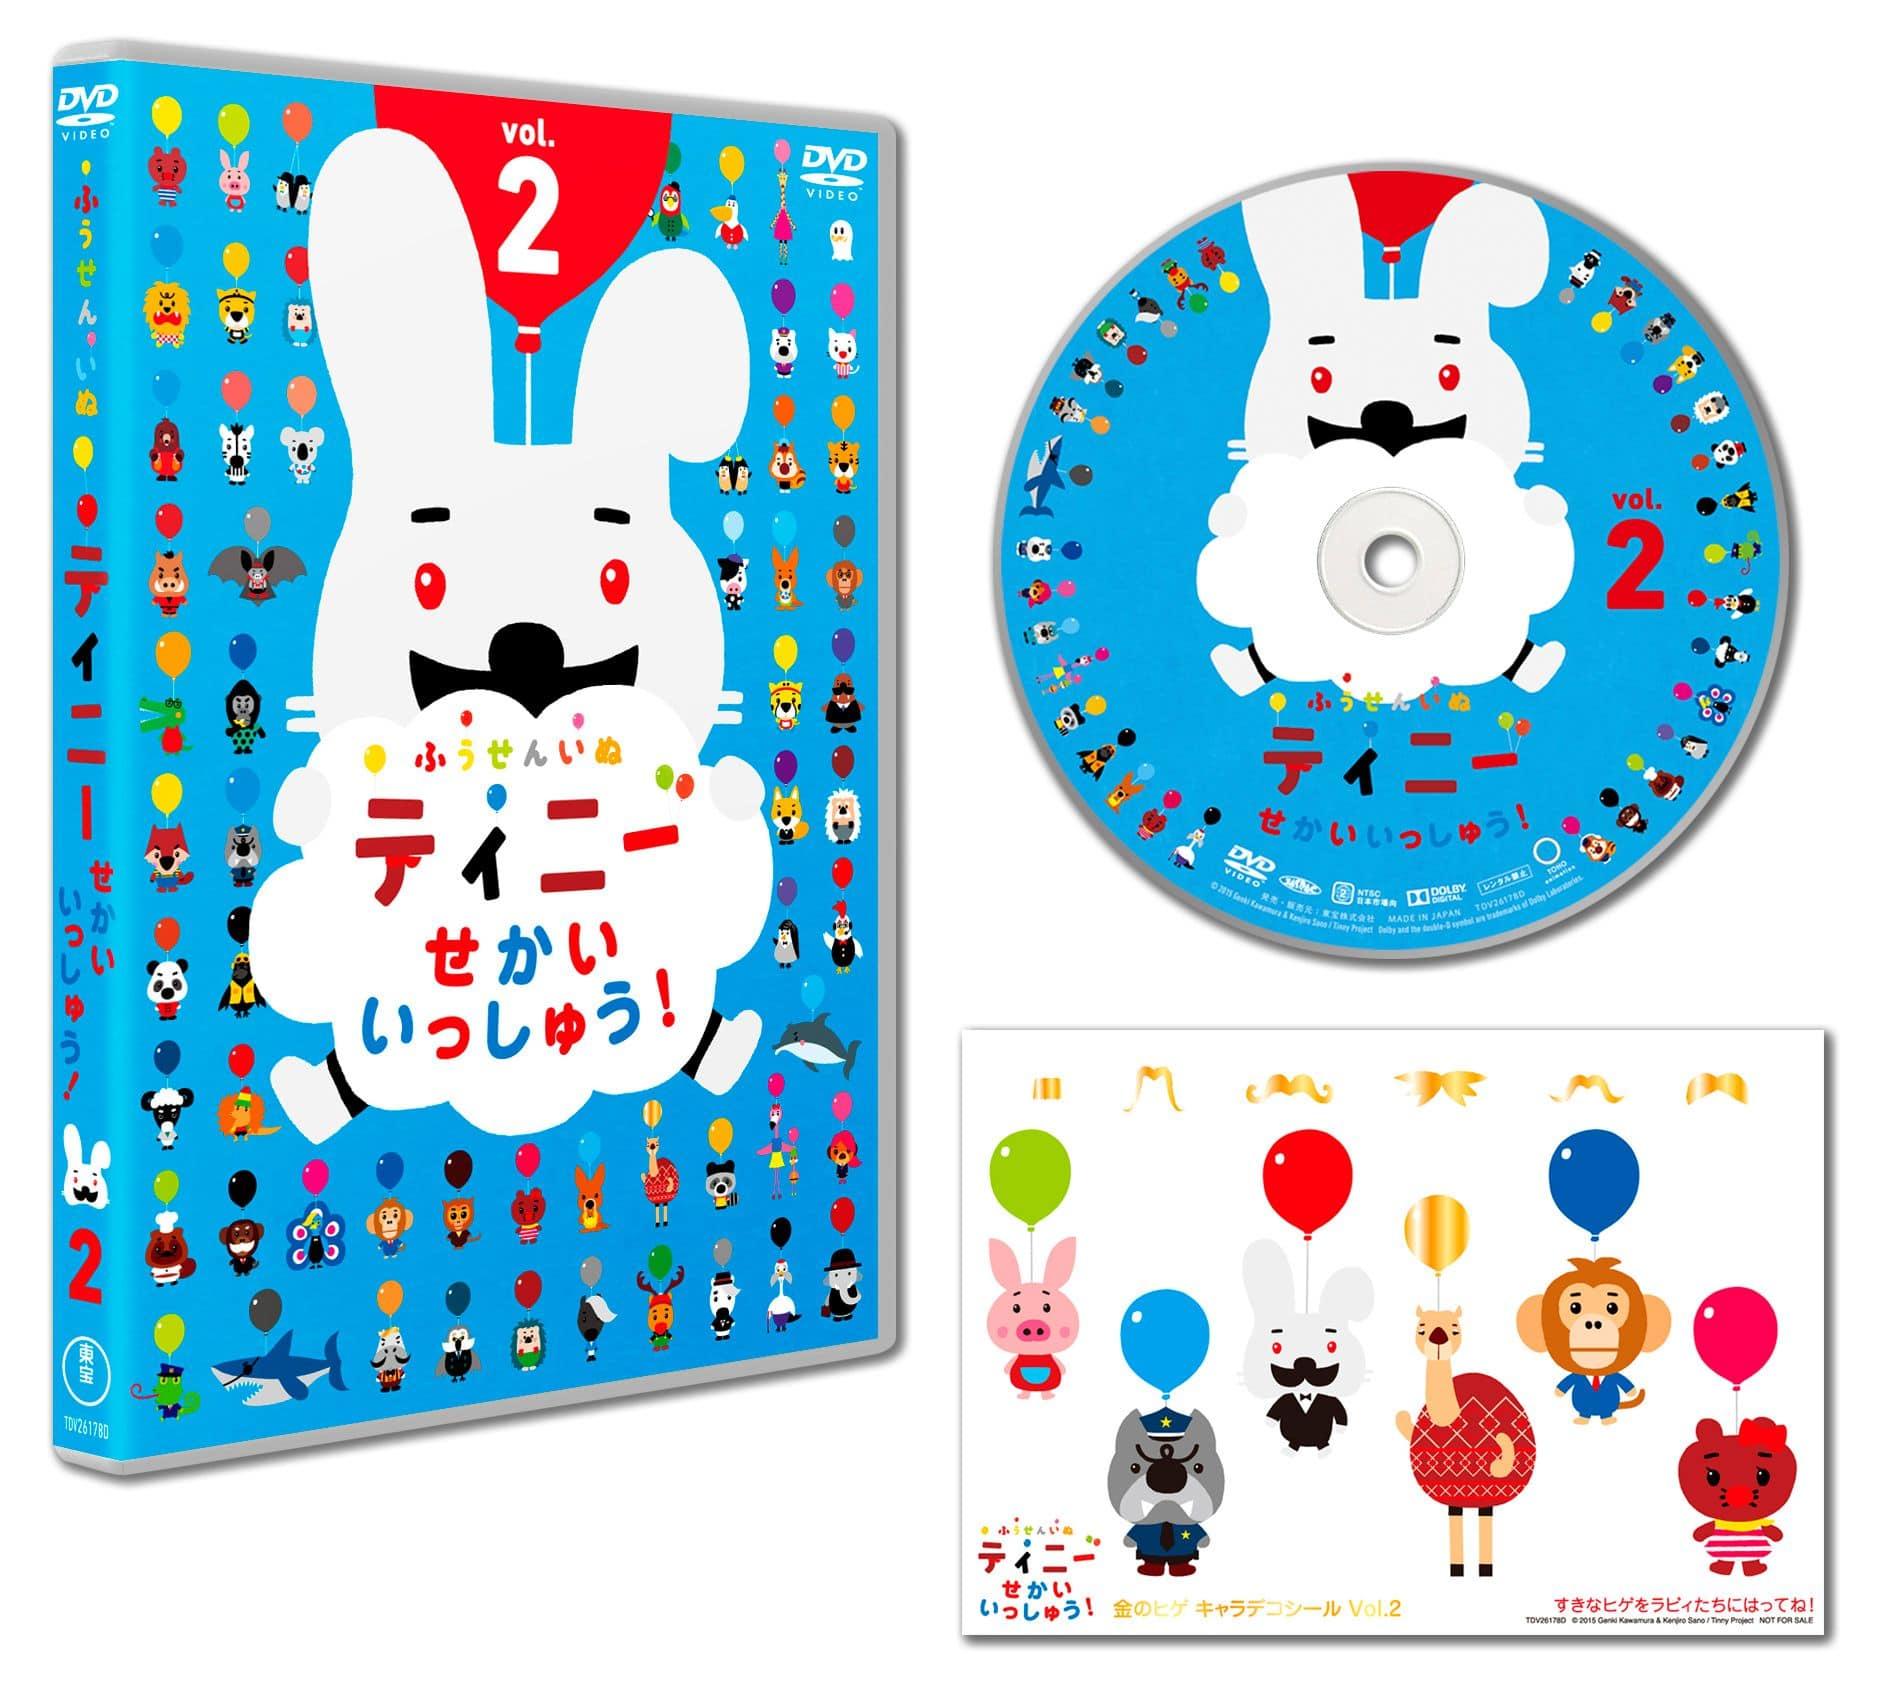 ふうせんいぬティニー せかいいっしゅう! vol.2 DVD